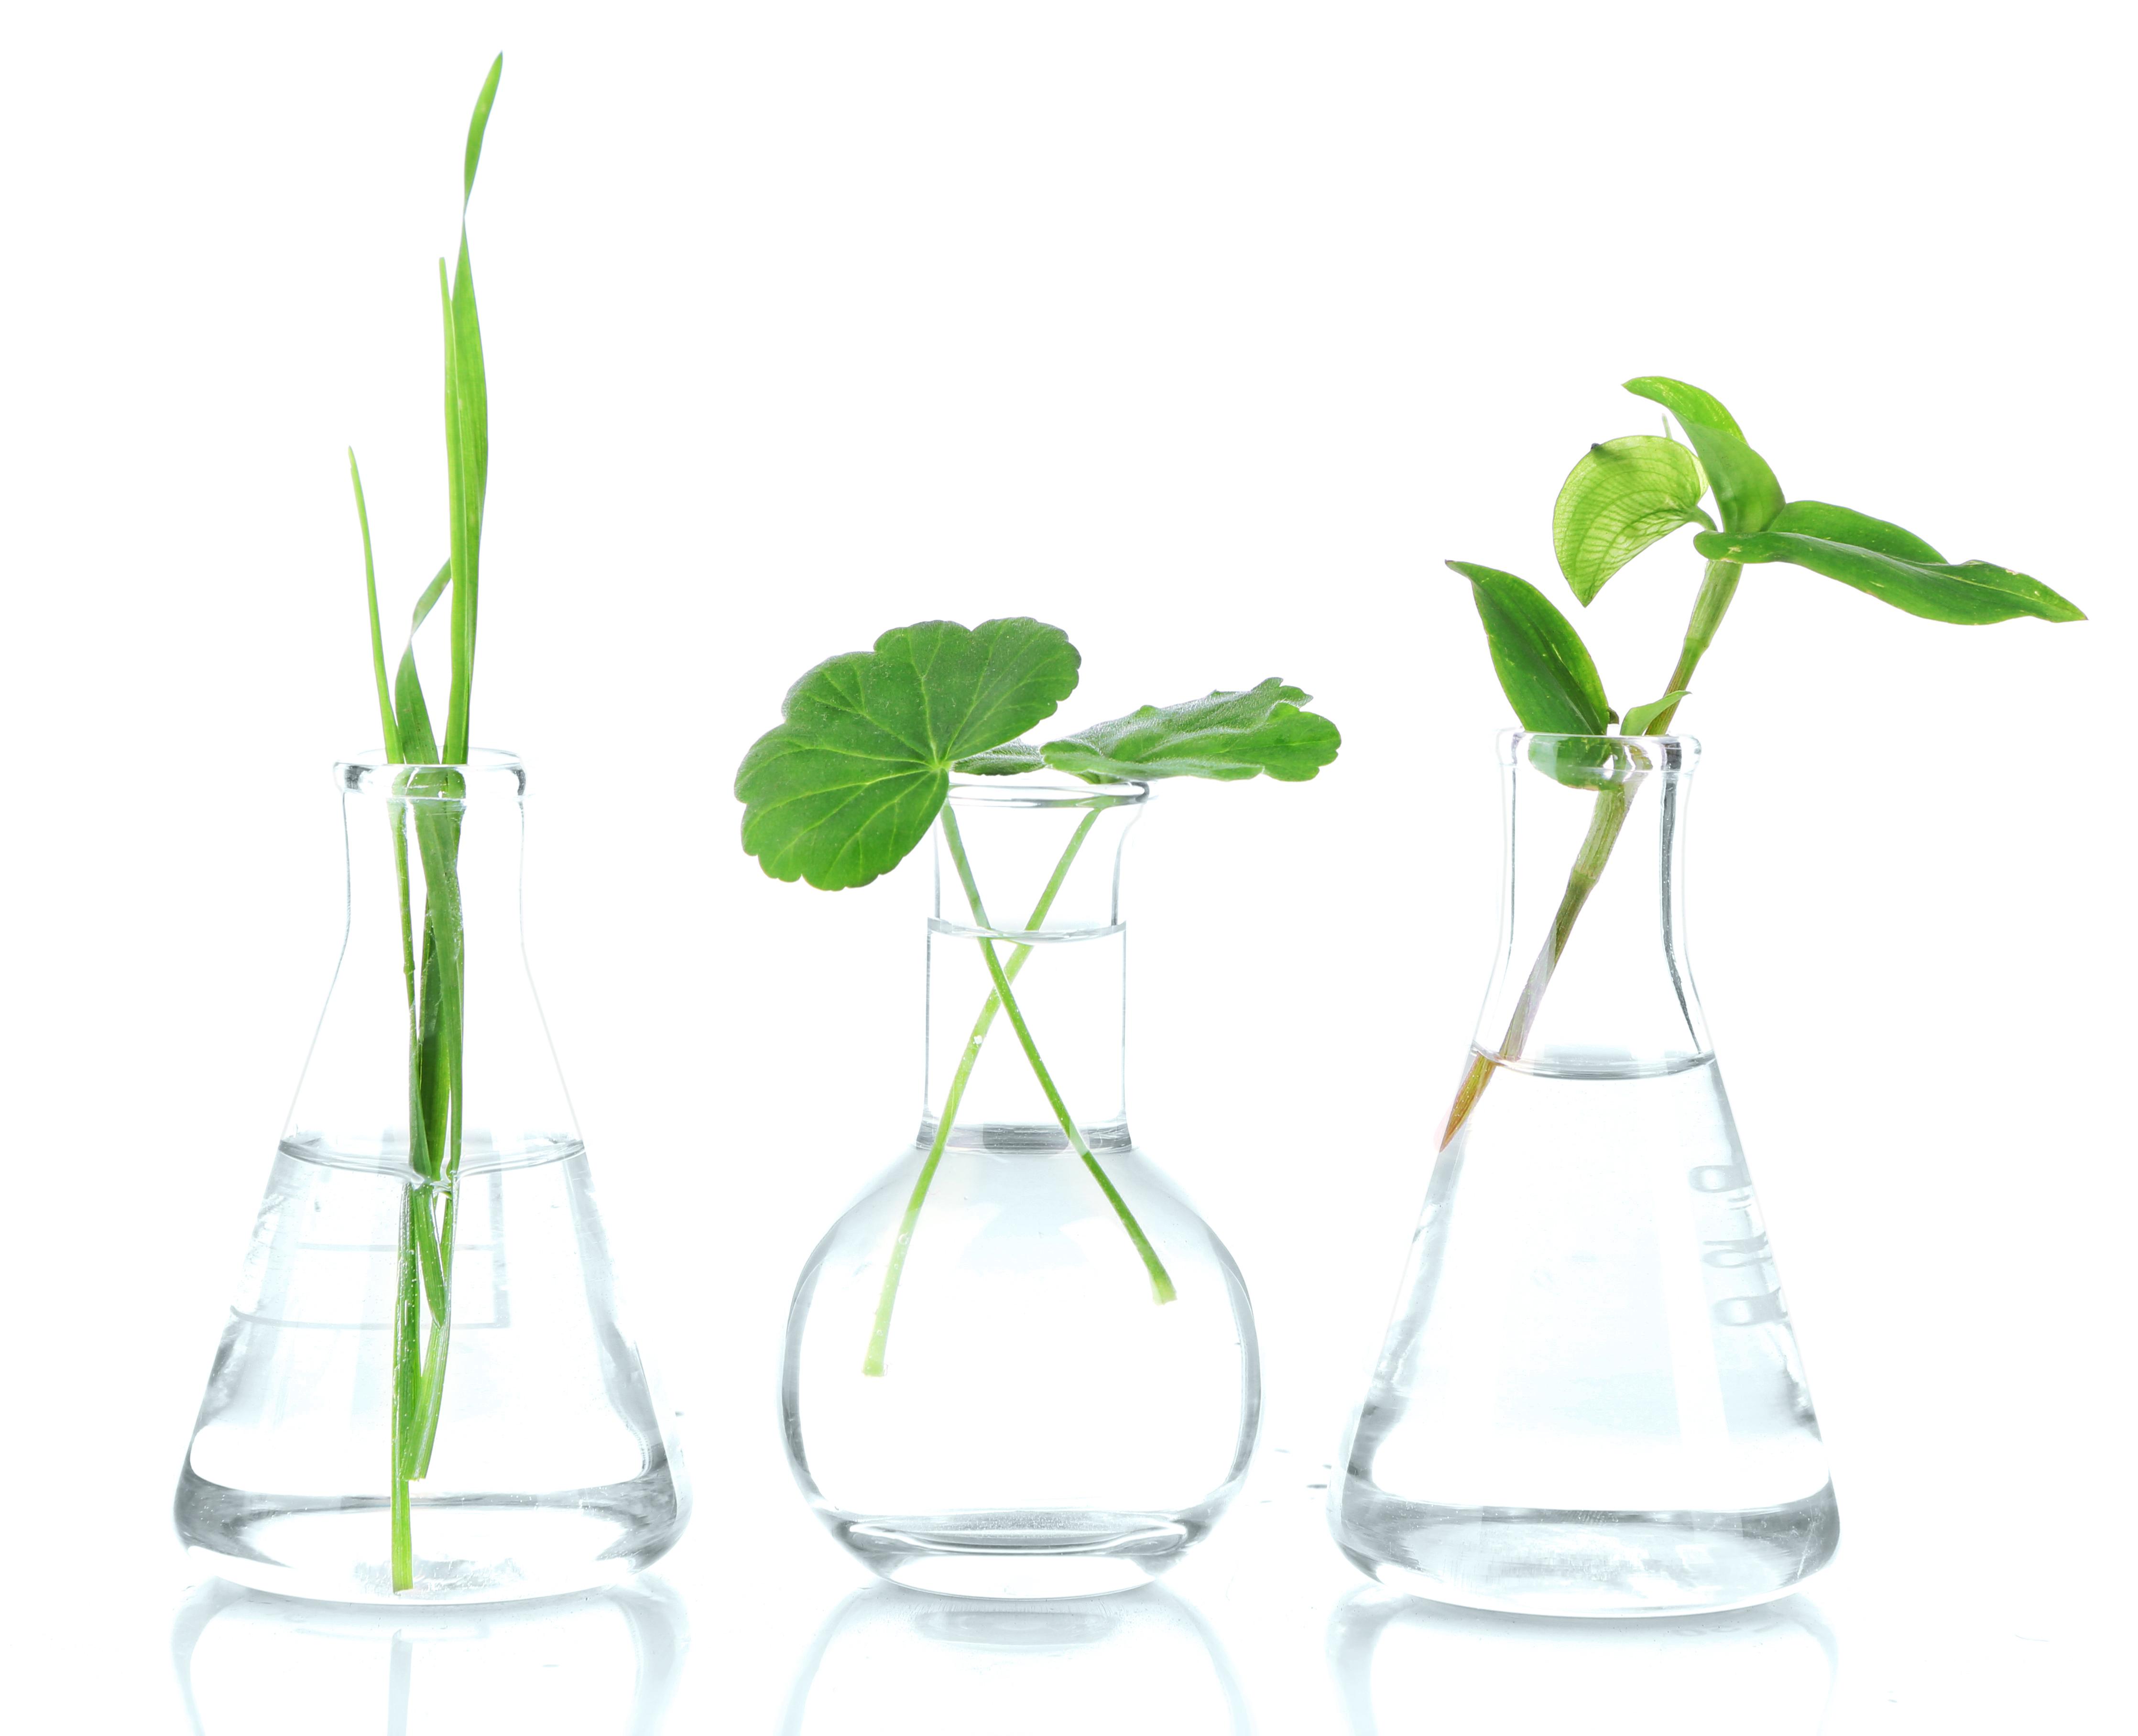 emerginc_scientific_leaves_glasses